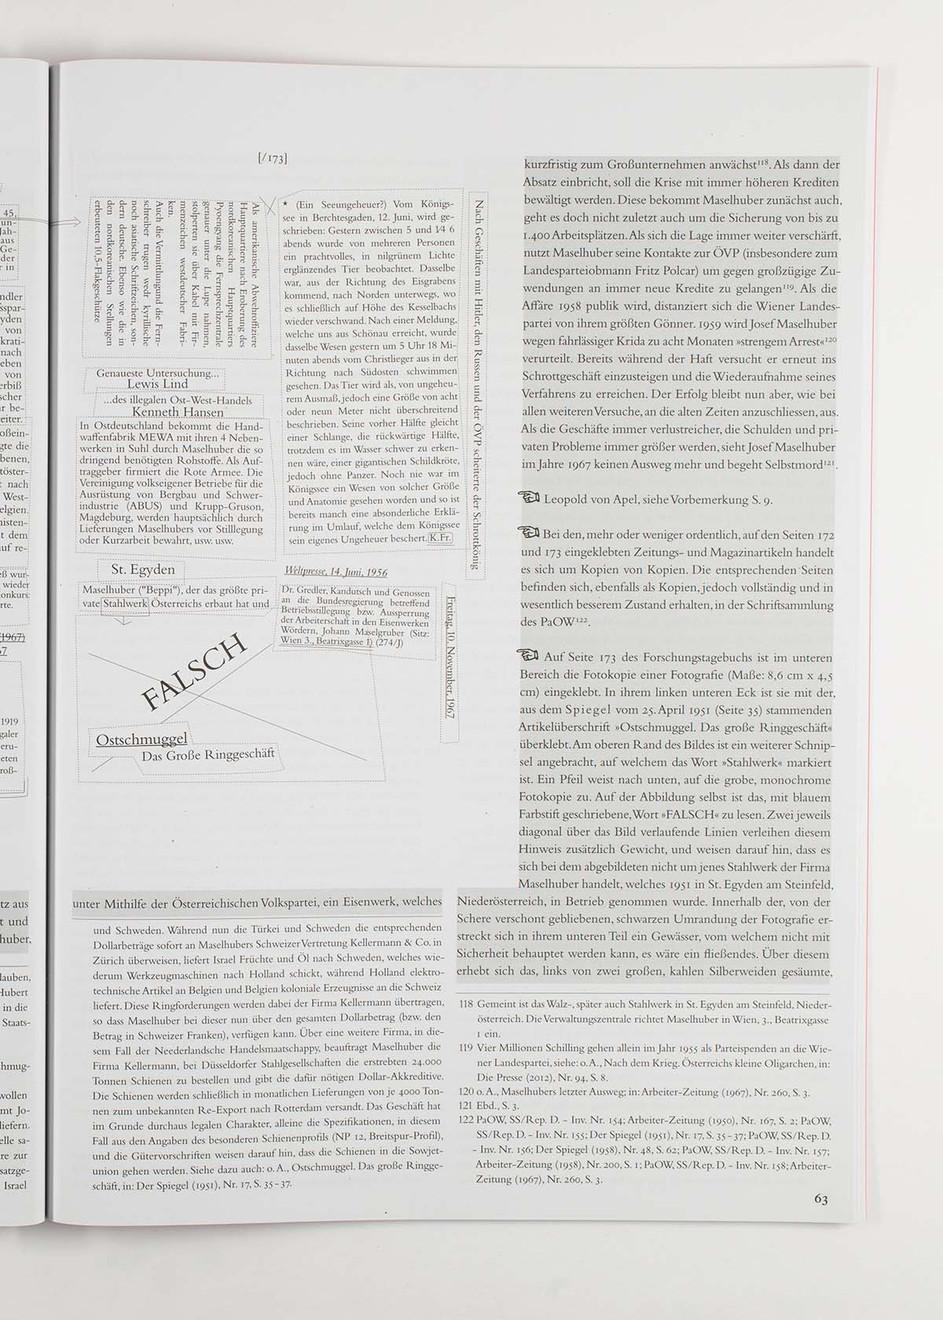 190903Zirkel_web025rechts.jpg